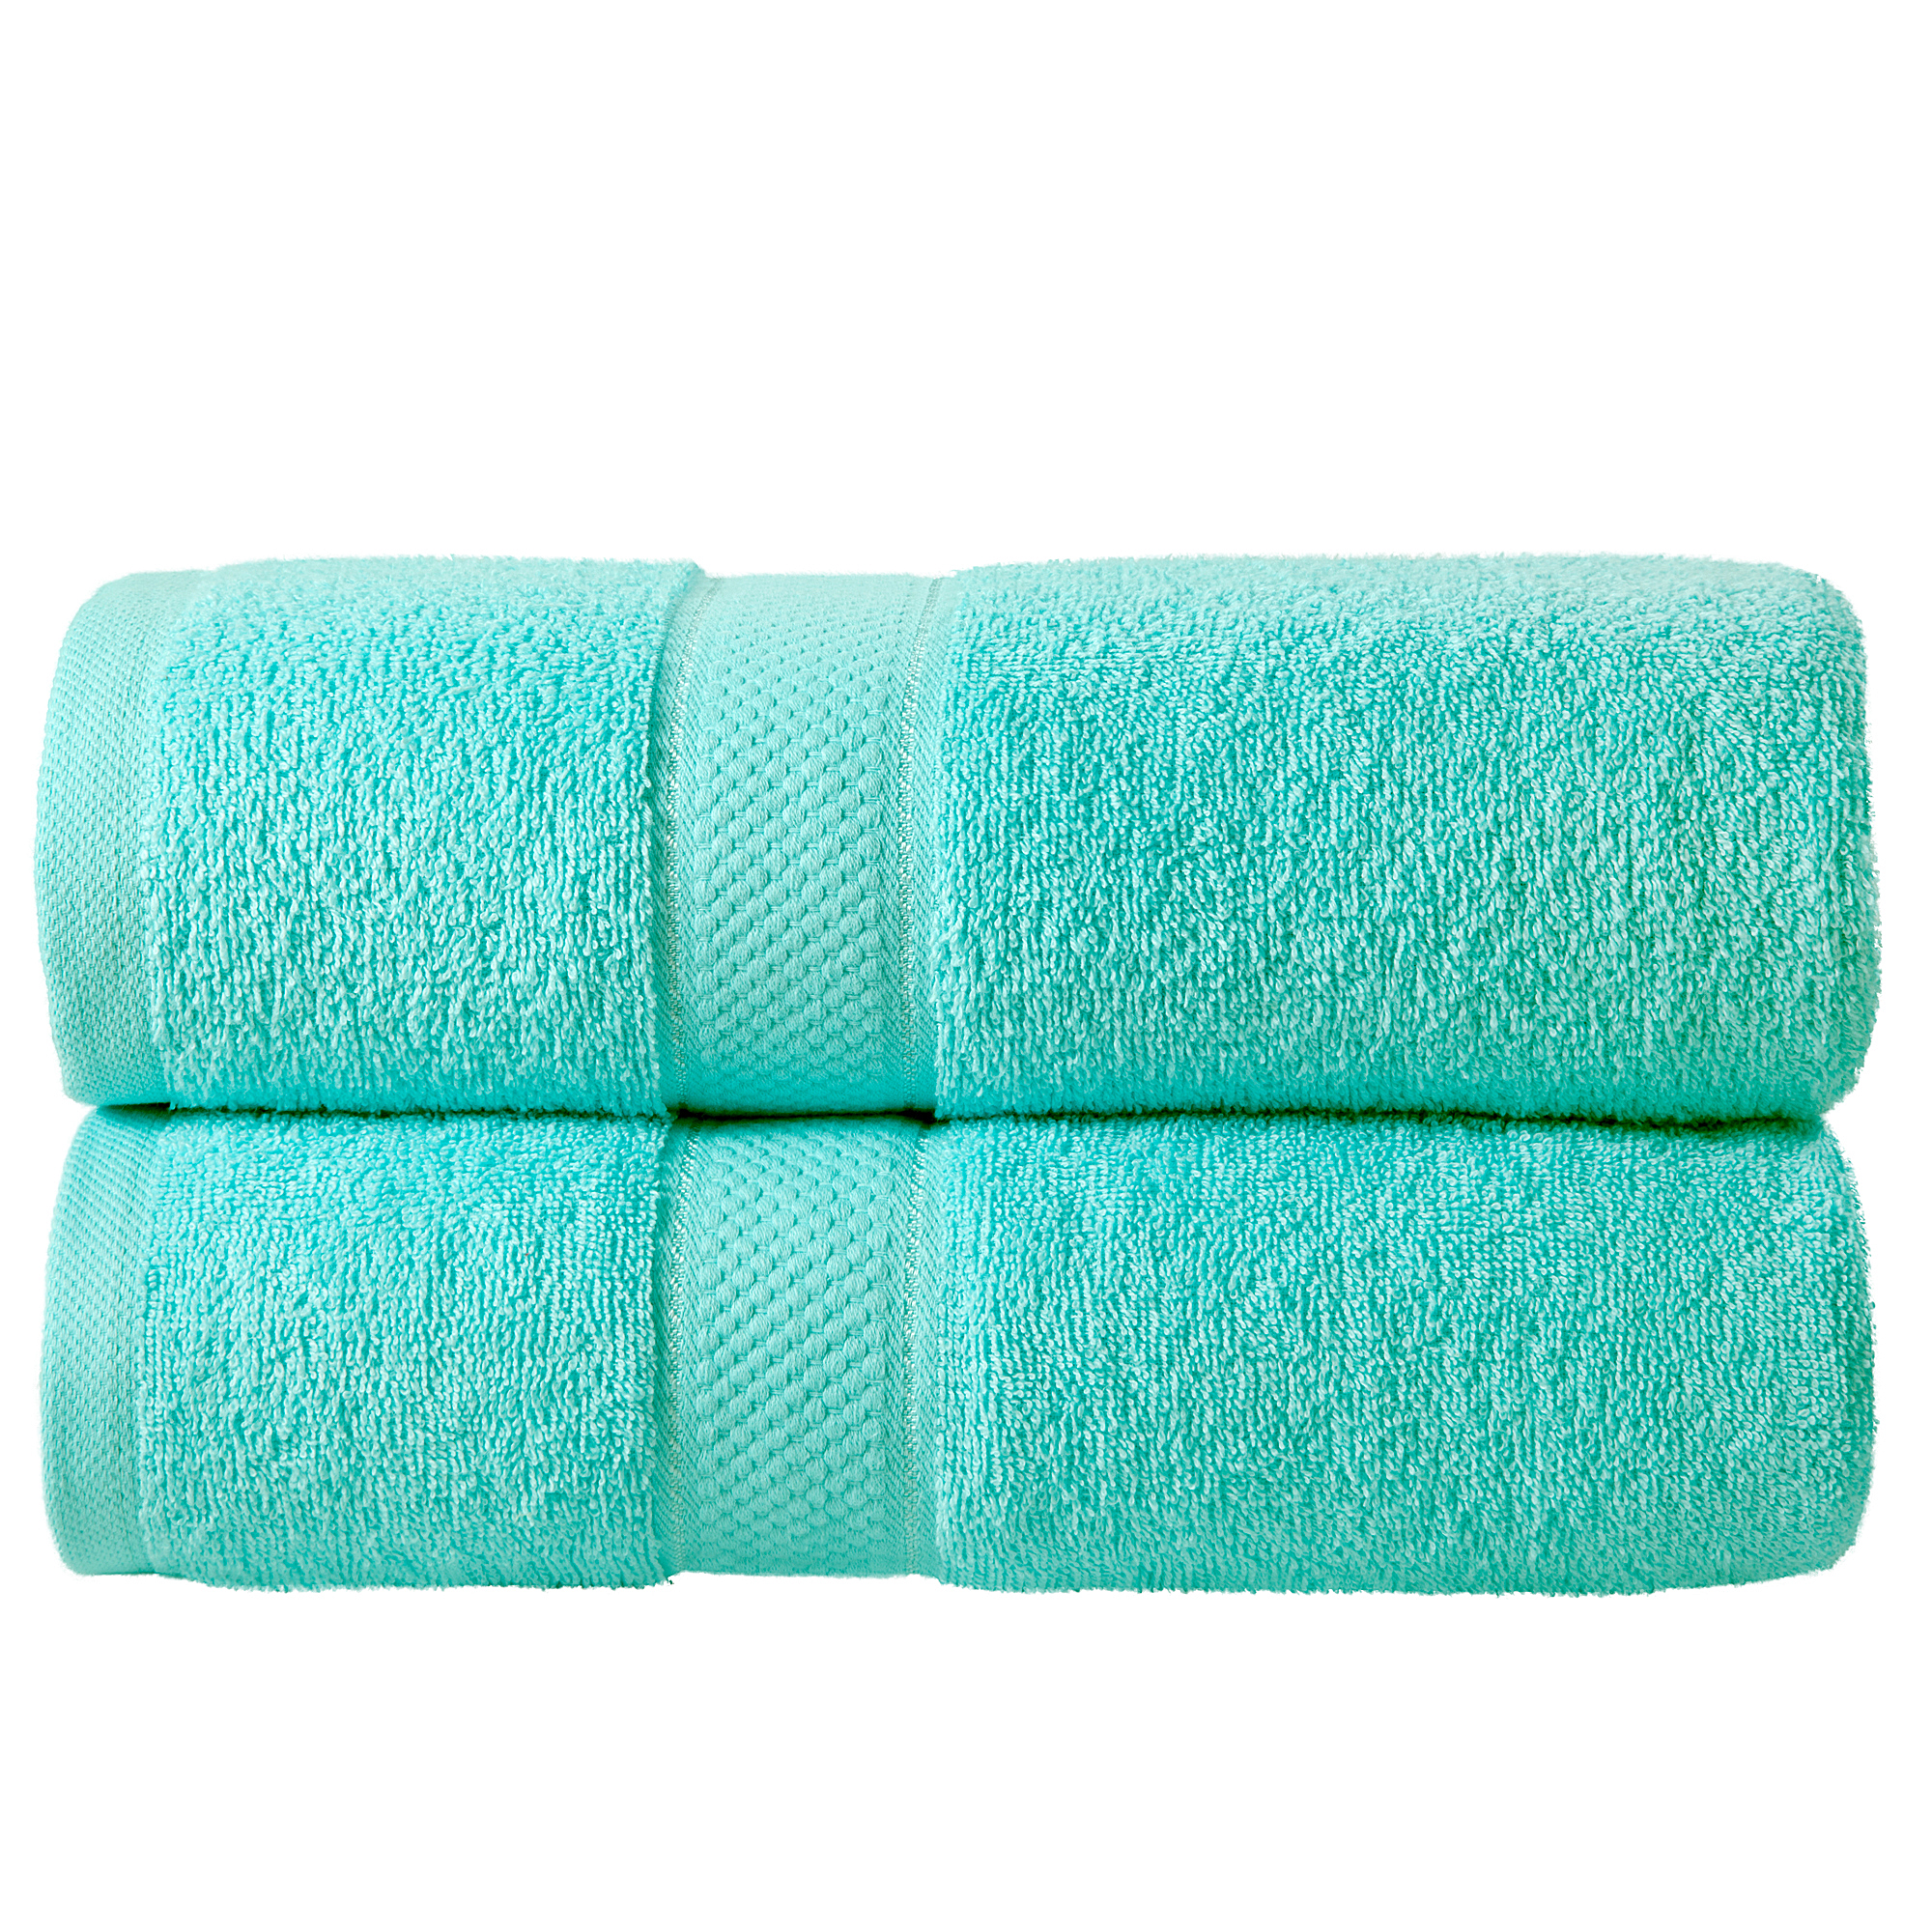 2 Pcs 100 % Cotton Premium Bath Sheet Towel Bale Set Turquoise Plain